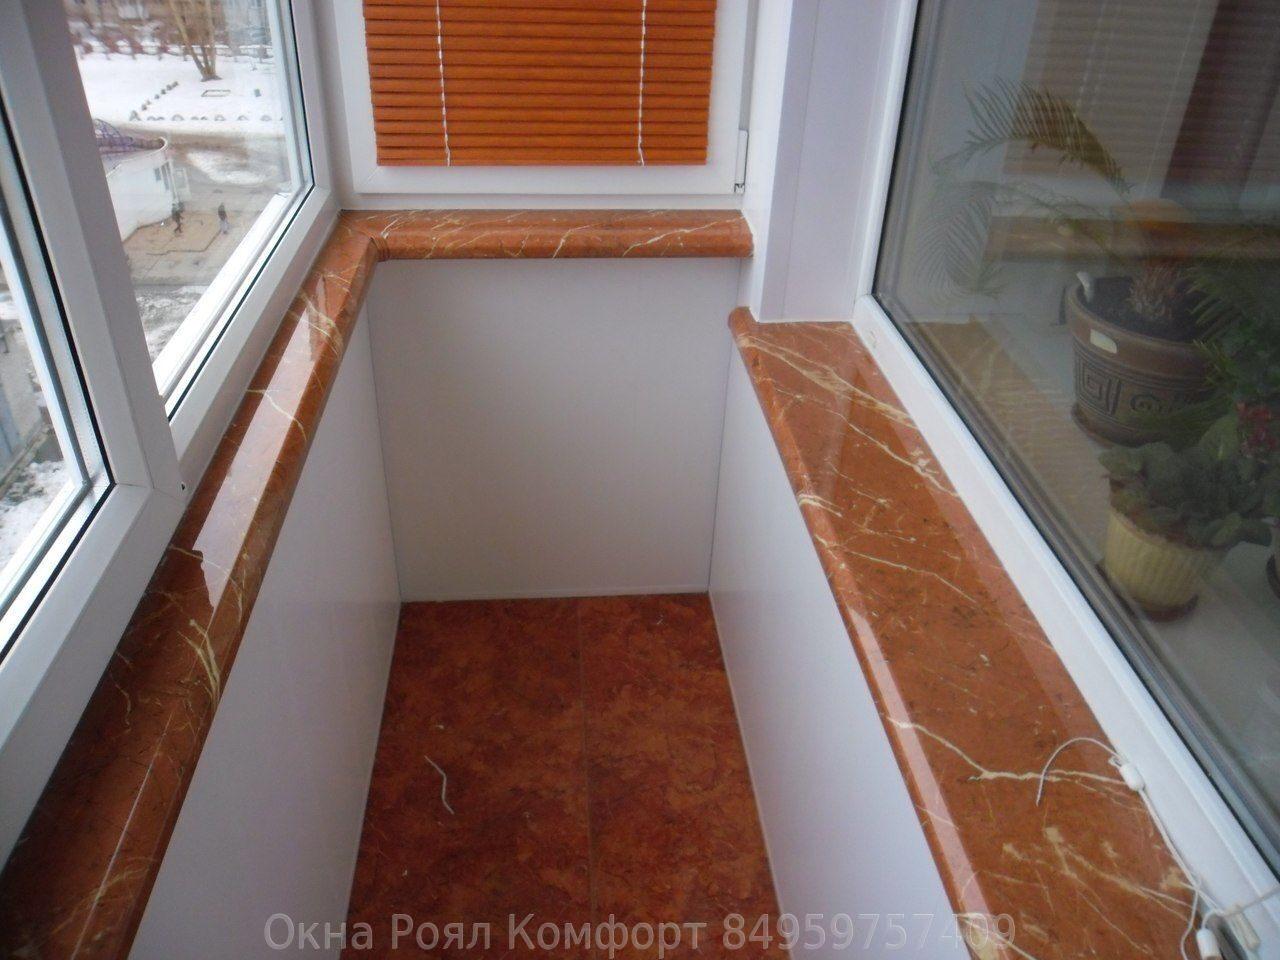 Утепленный балкон пластиком.